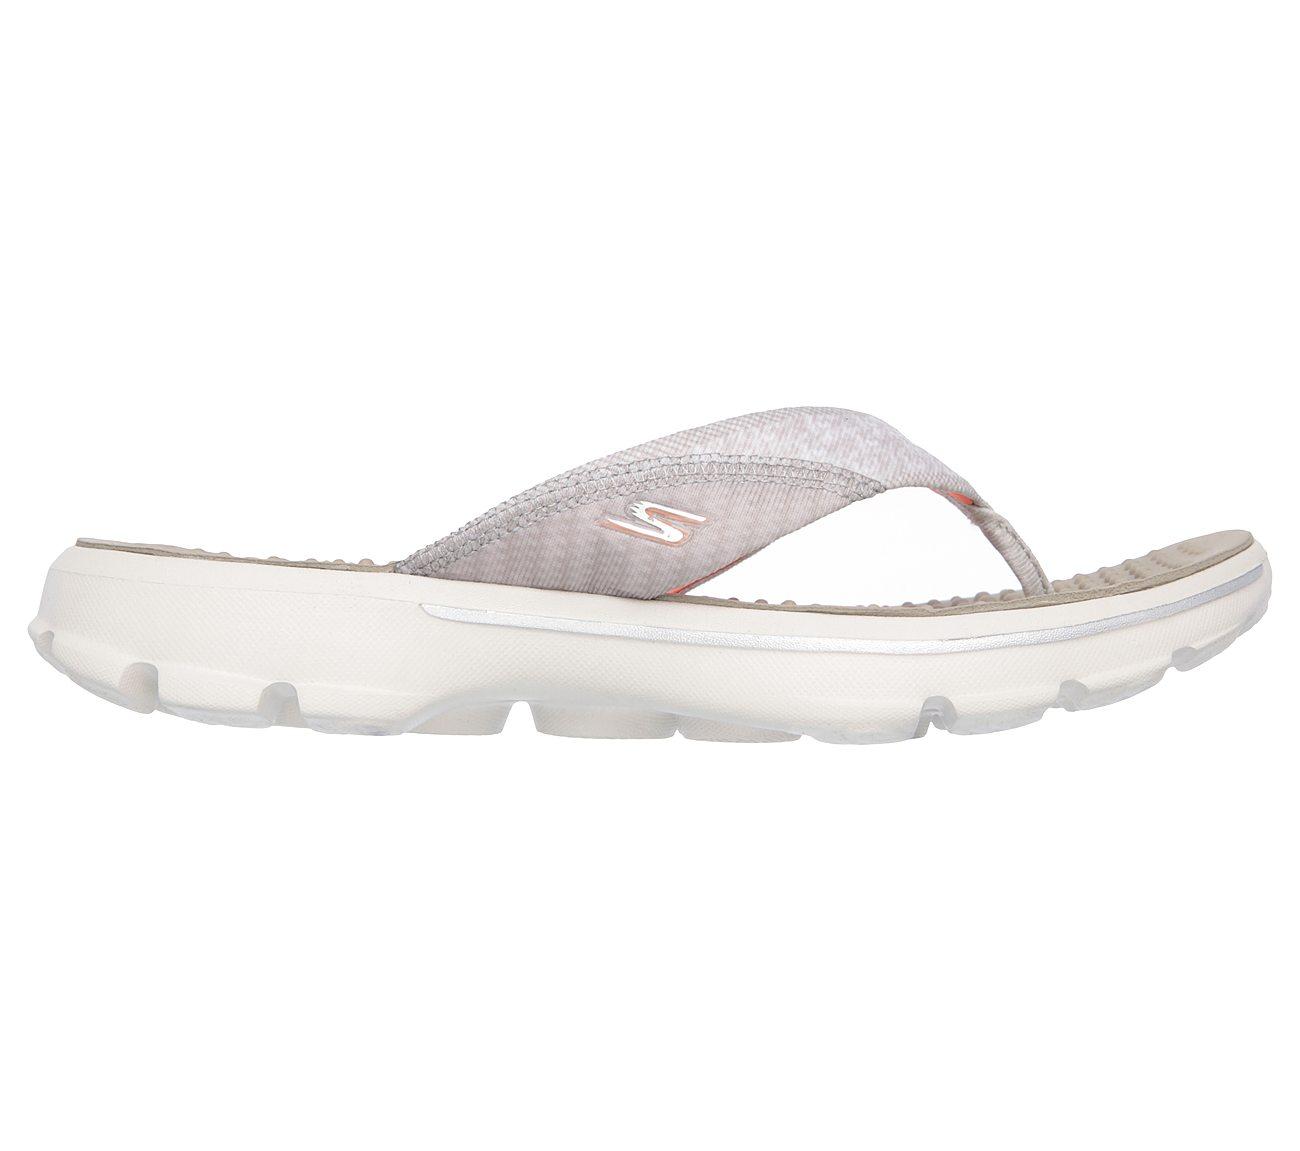 6761f9c29 Buy SKECHERS Skechers GOwalk 3 - Pizazz Skechers Performance Shoes ...